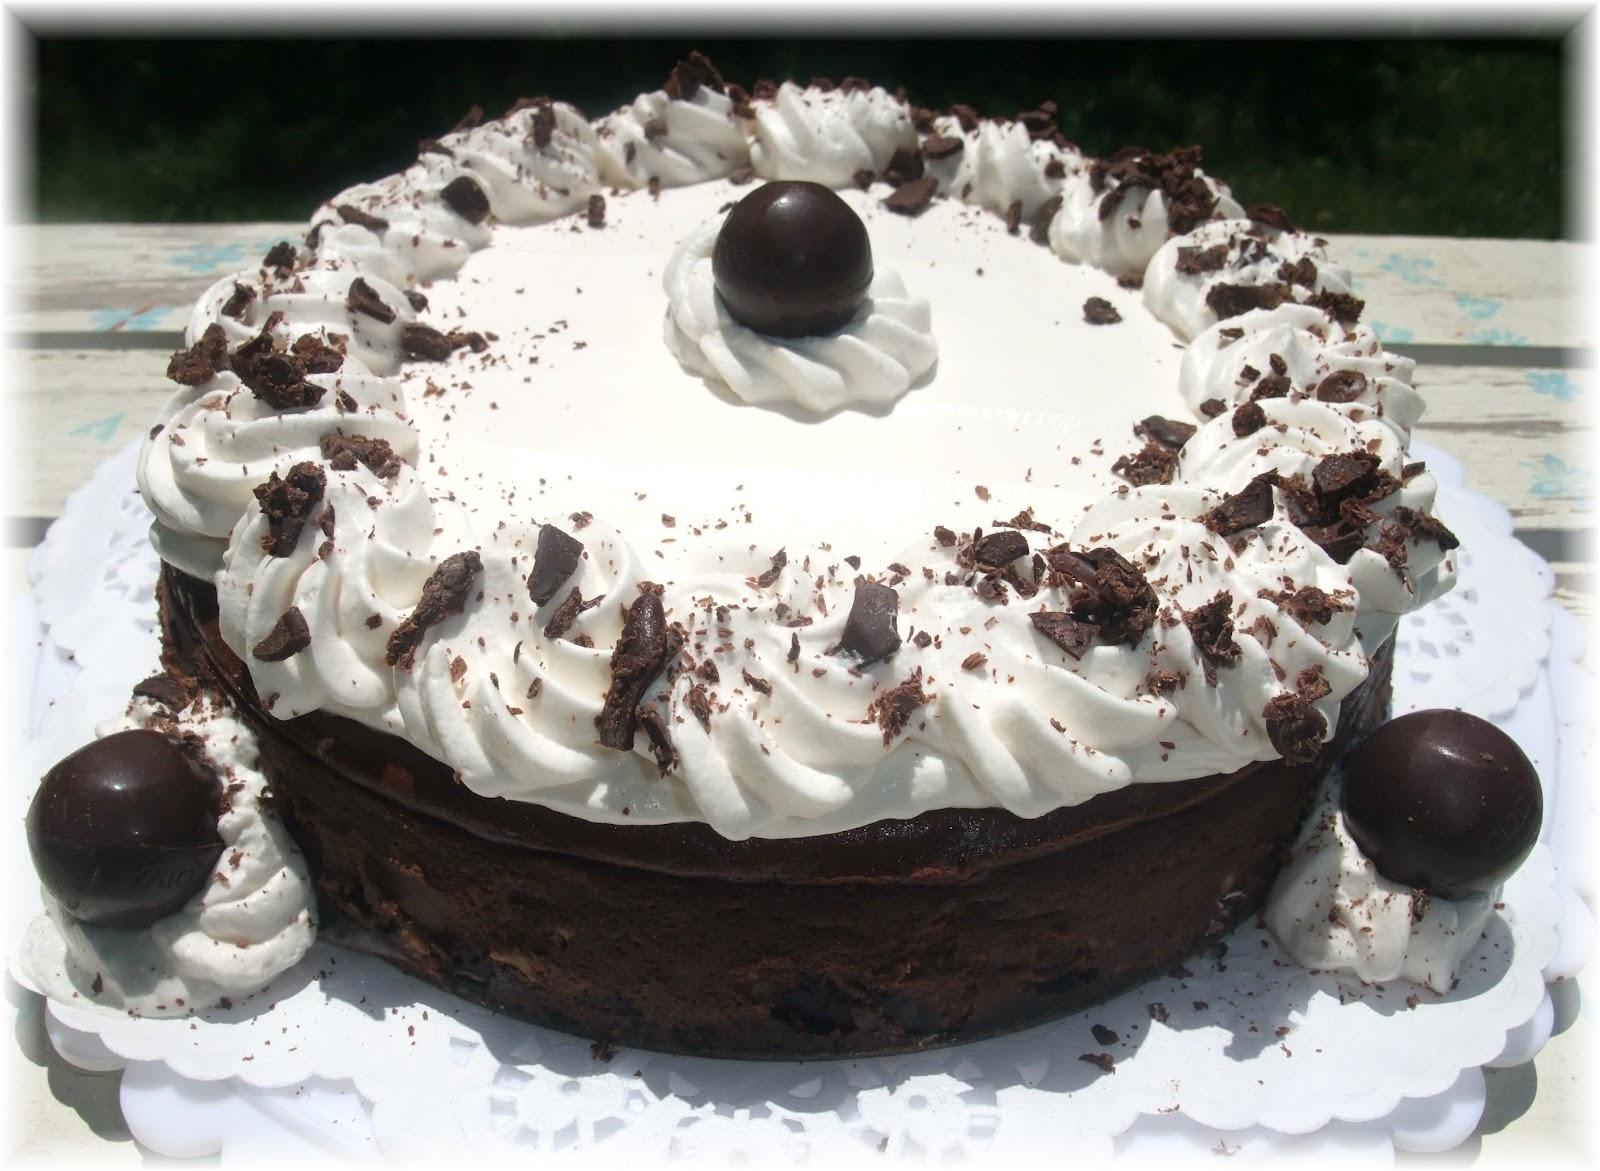 Rosies Country Baking Godiva Chocolate Cheesecake